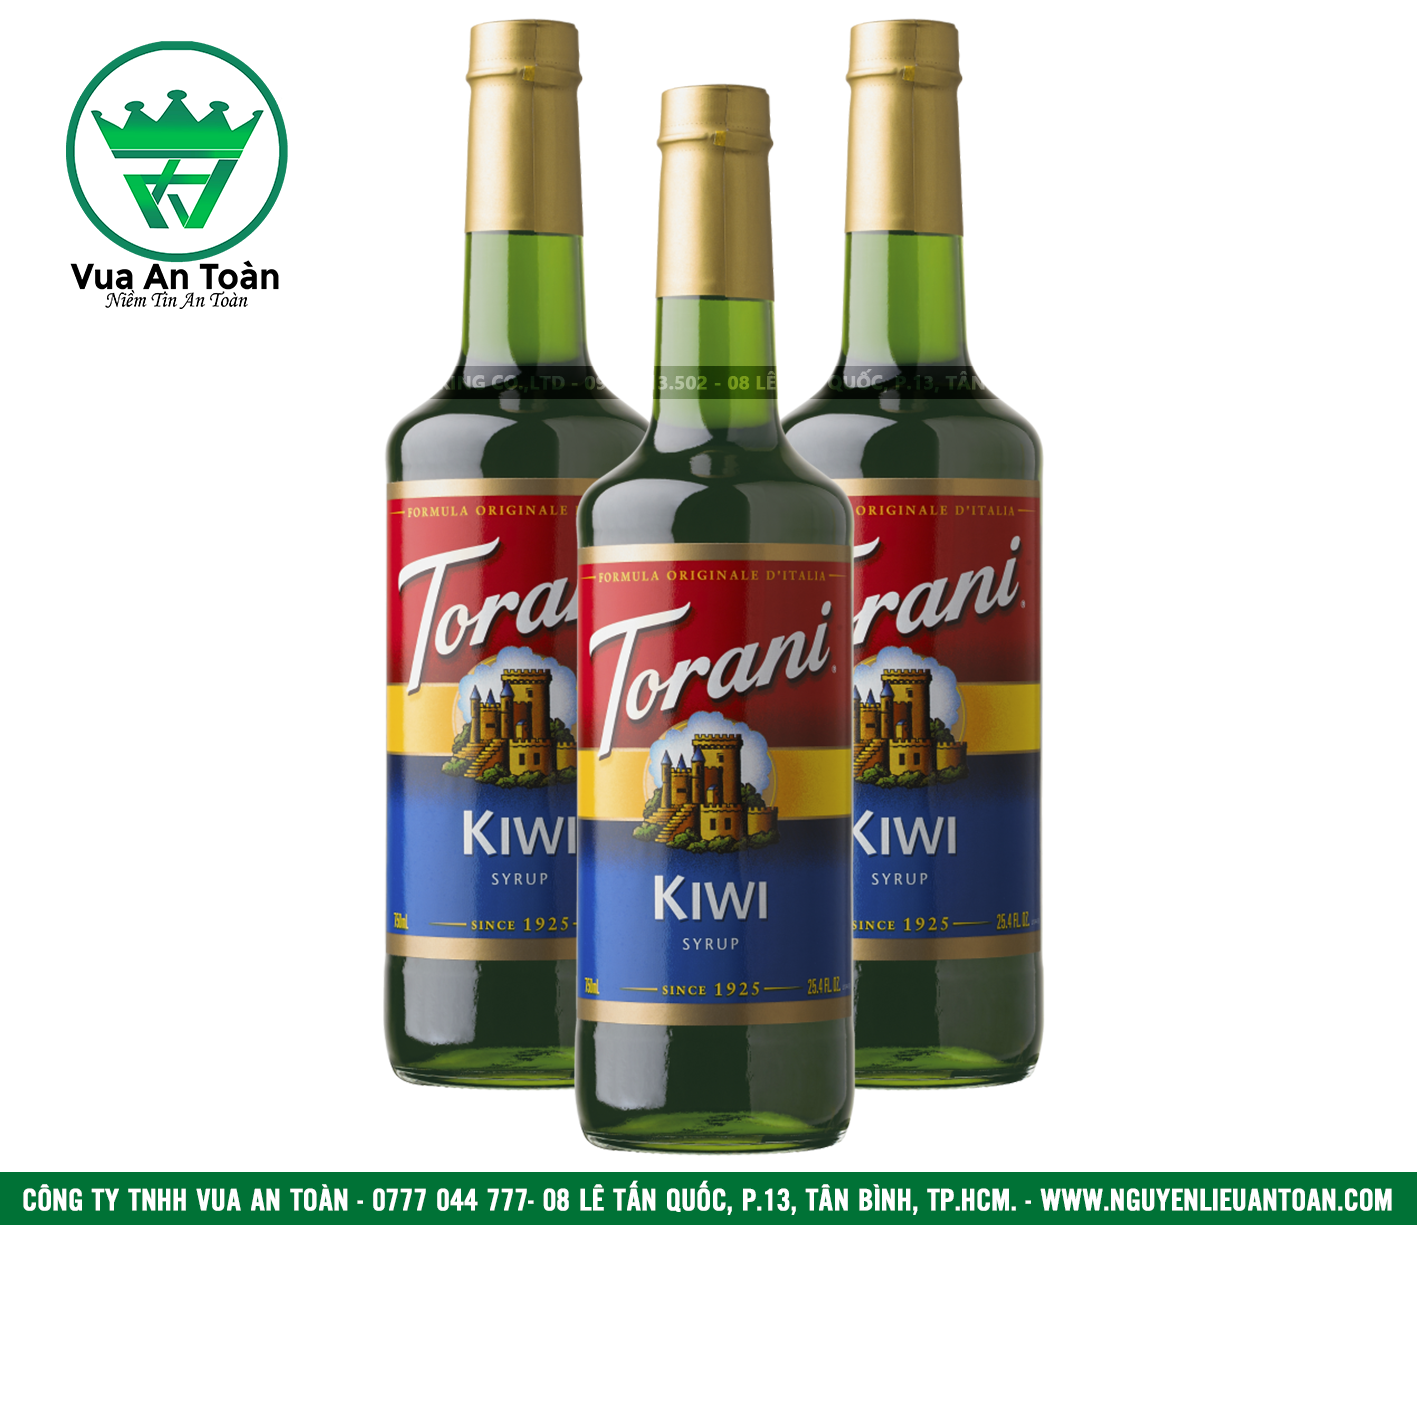 Torani Kiwi - Kiwi Syrup